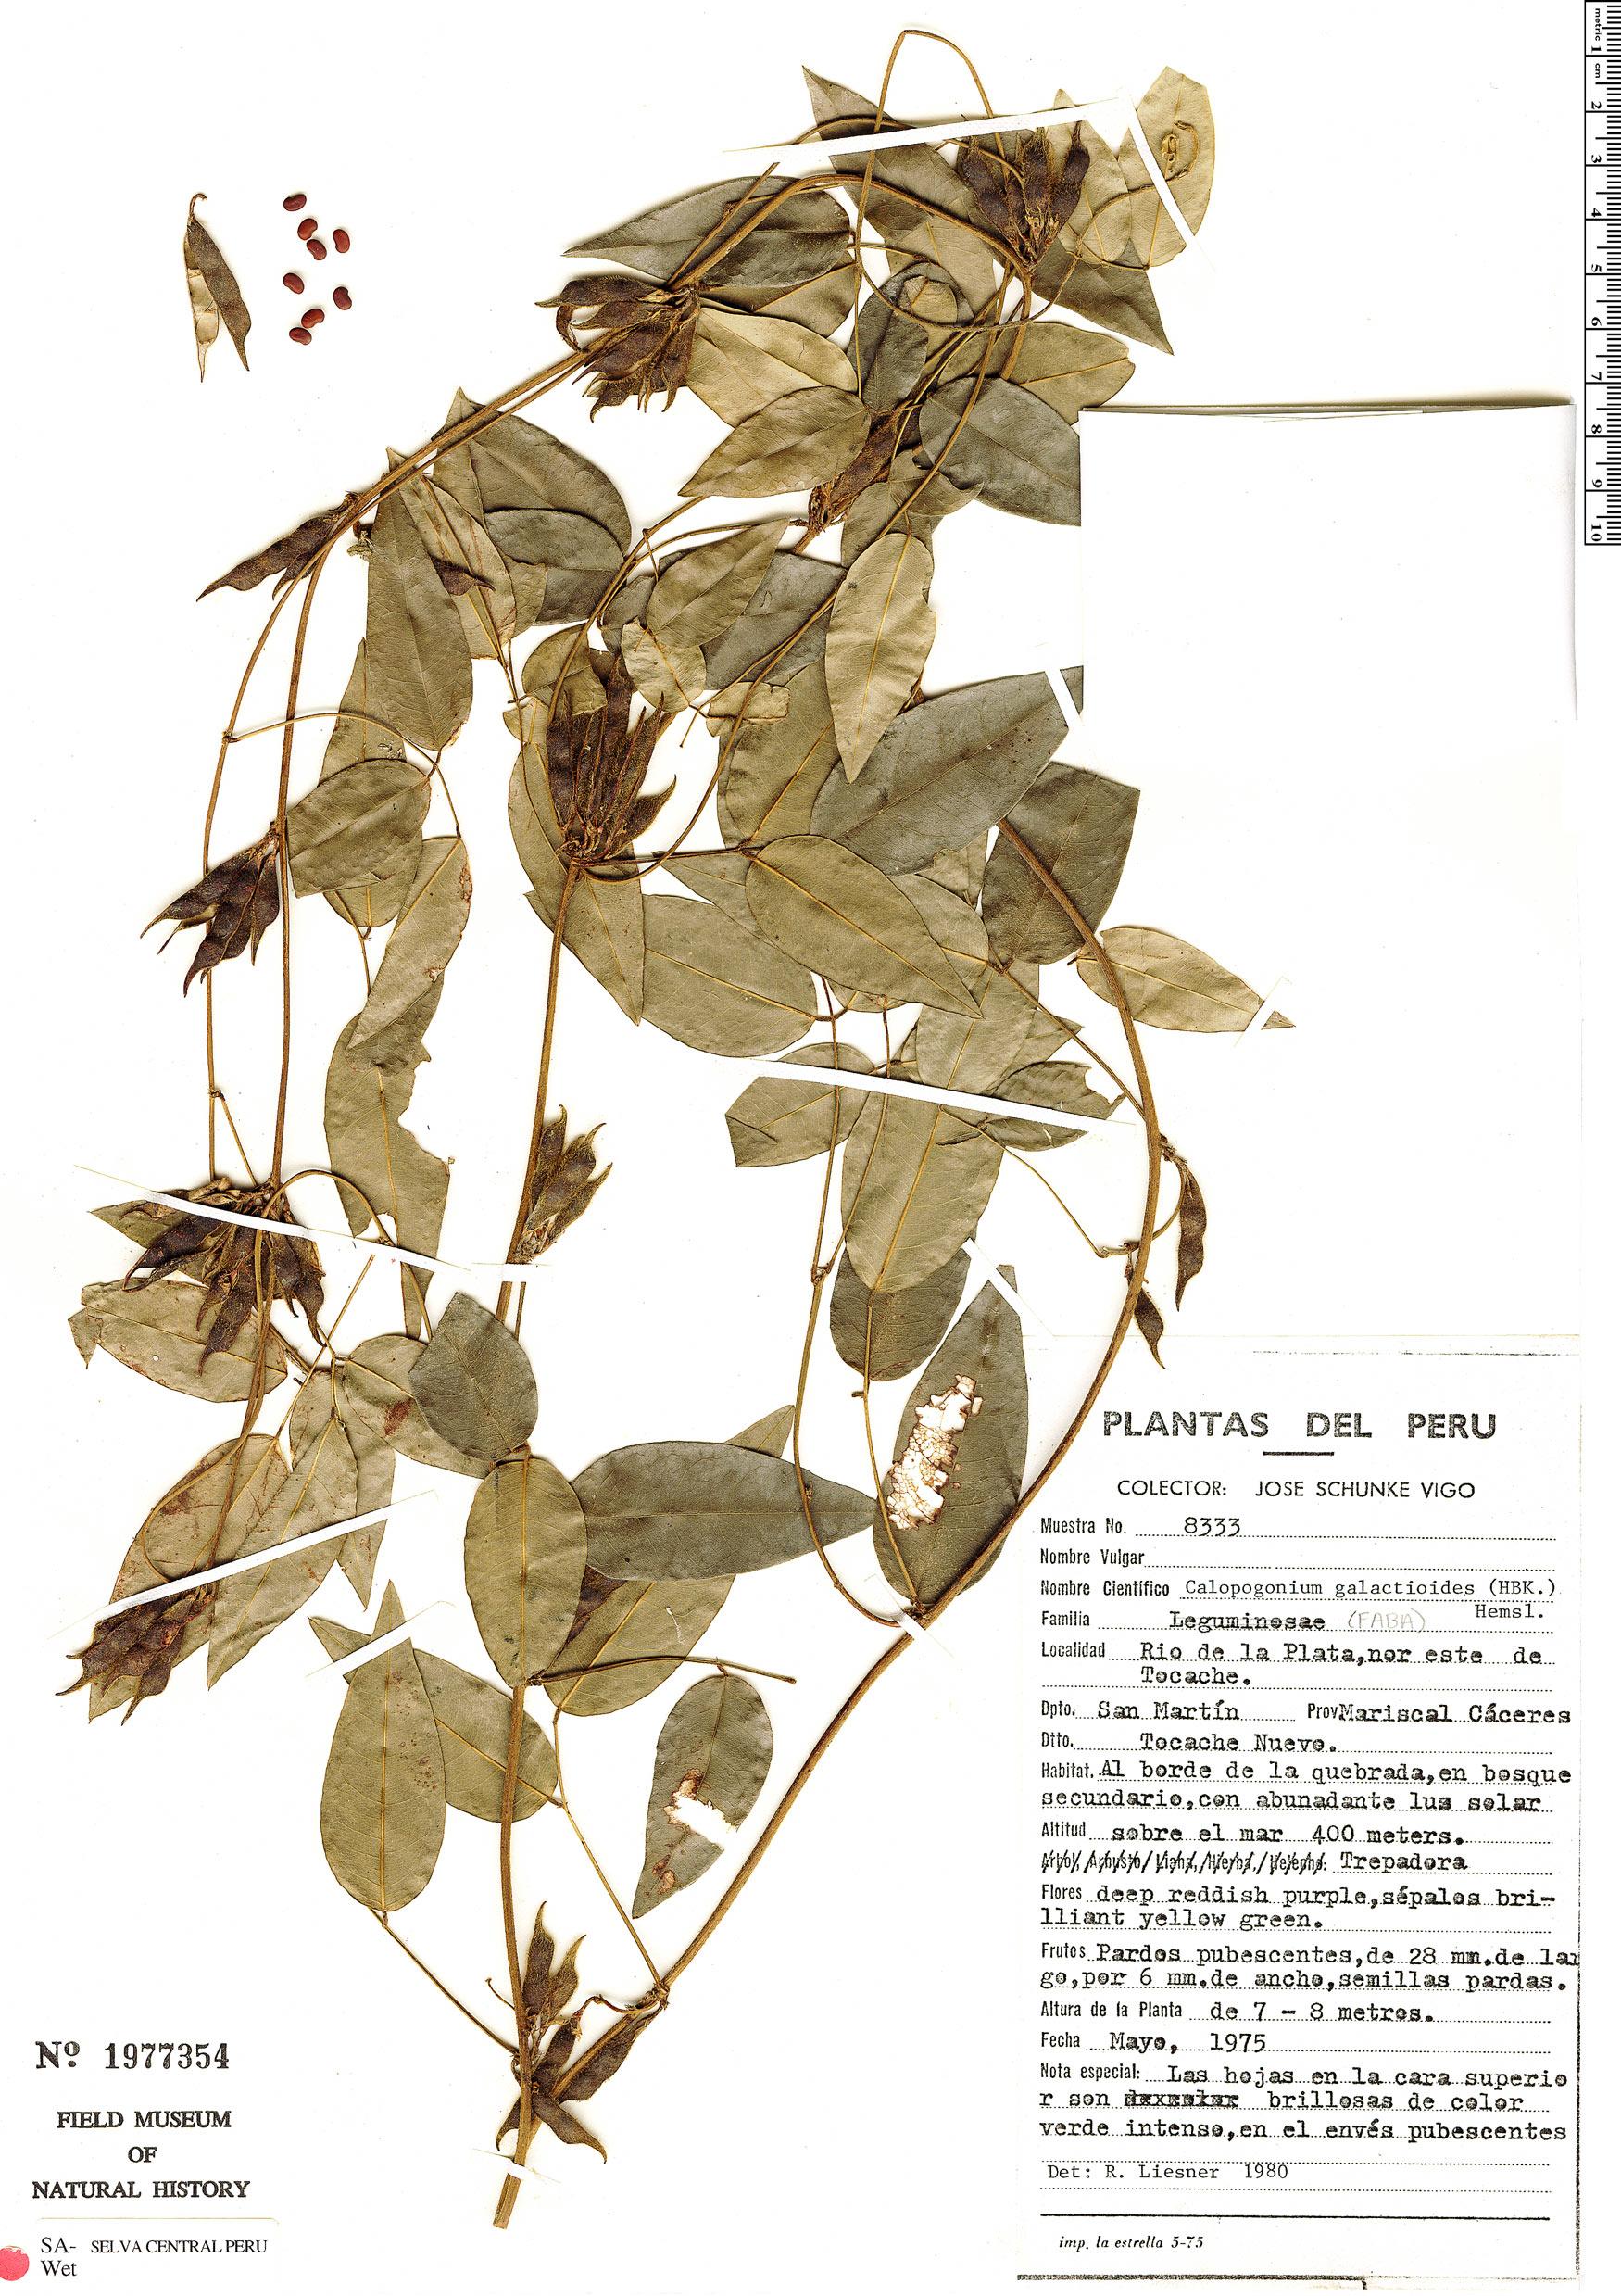 Specimen: Calopogonium galactioides